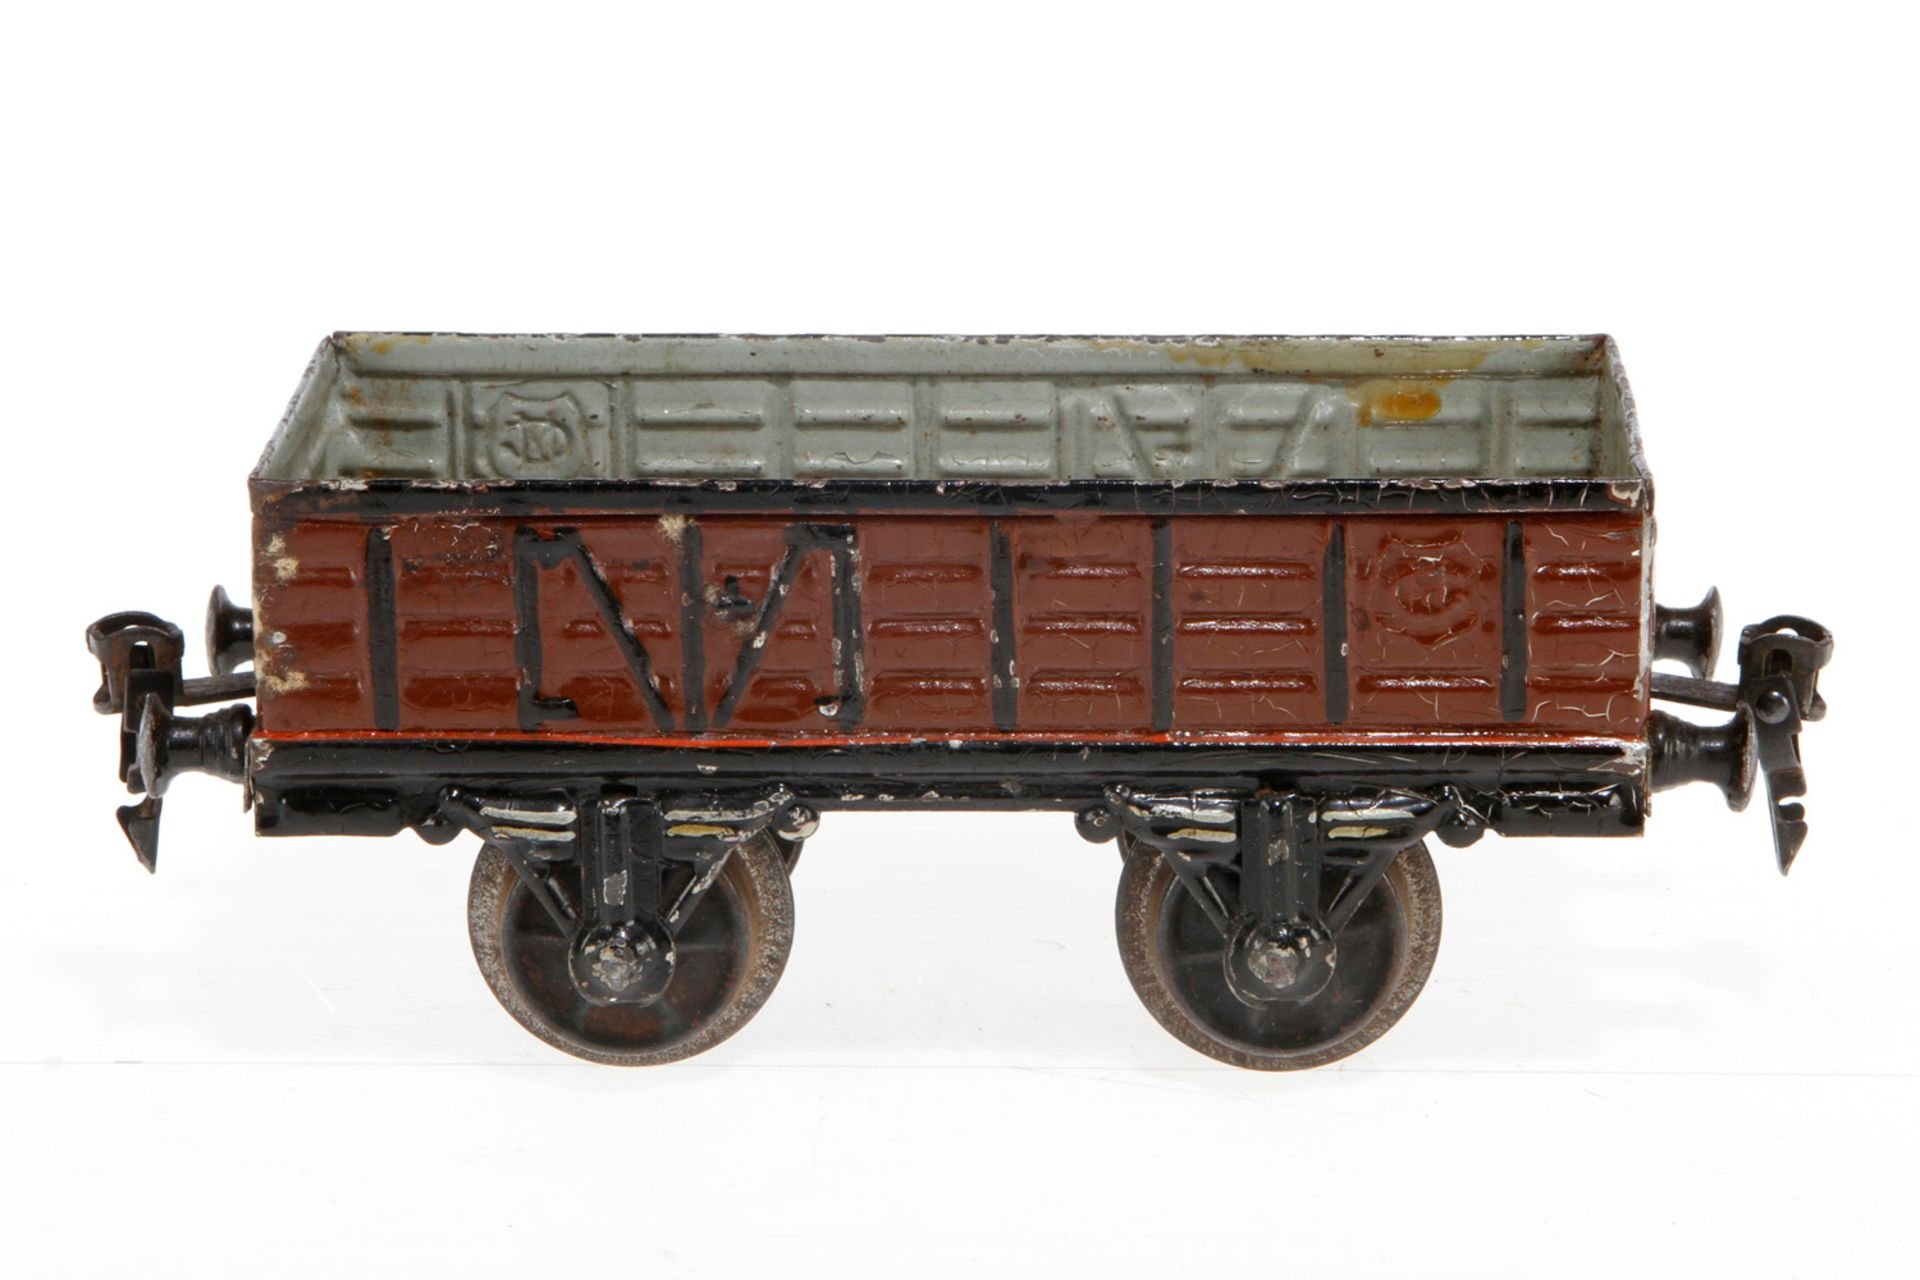 Märklin offener Güterwagen, S 1, uralt, HL, LS und stark gealterter Lack, L 17,5, Z 3